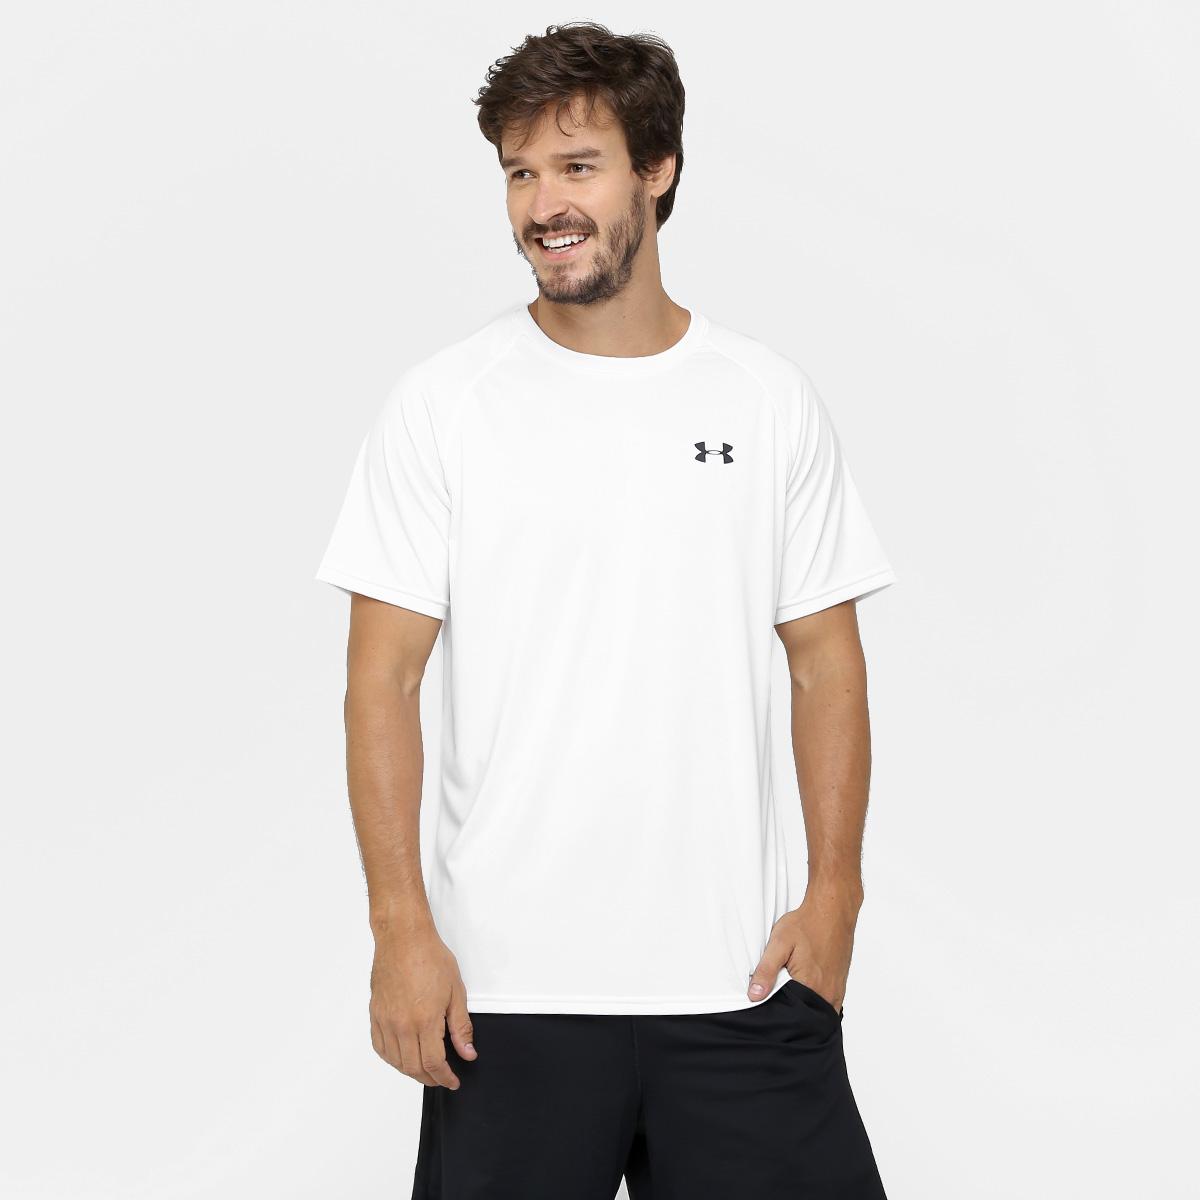 camiseta under armour - Camiseta Under Armour UA Tech SS - R$ 54,90